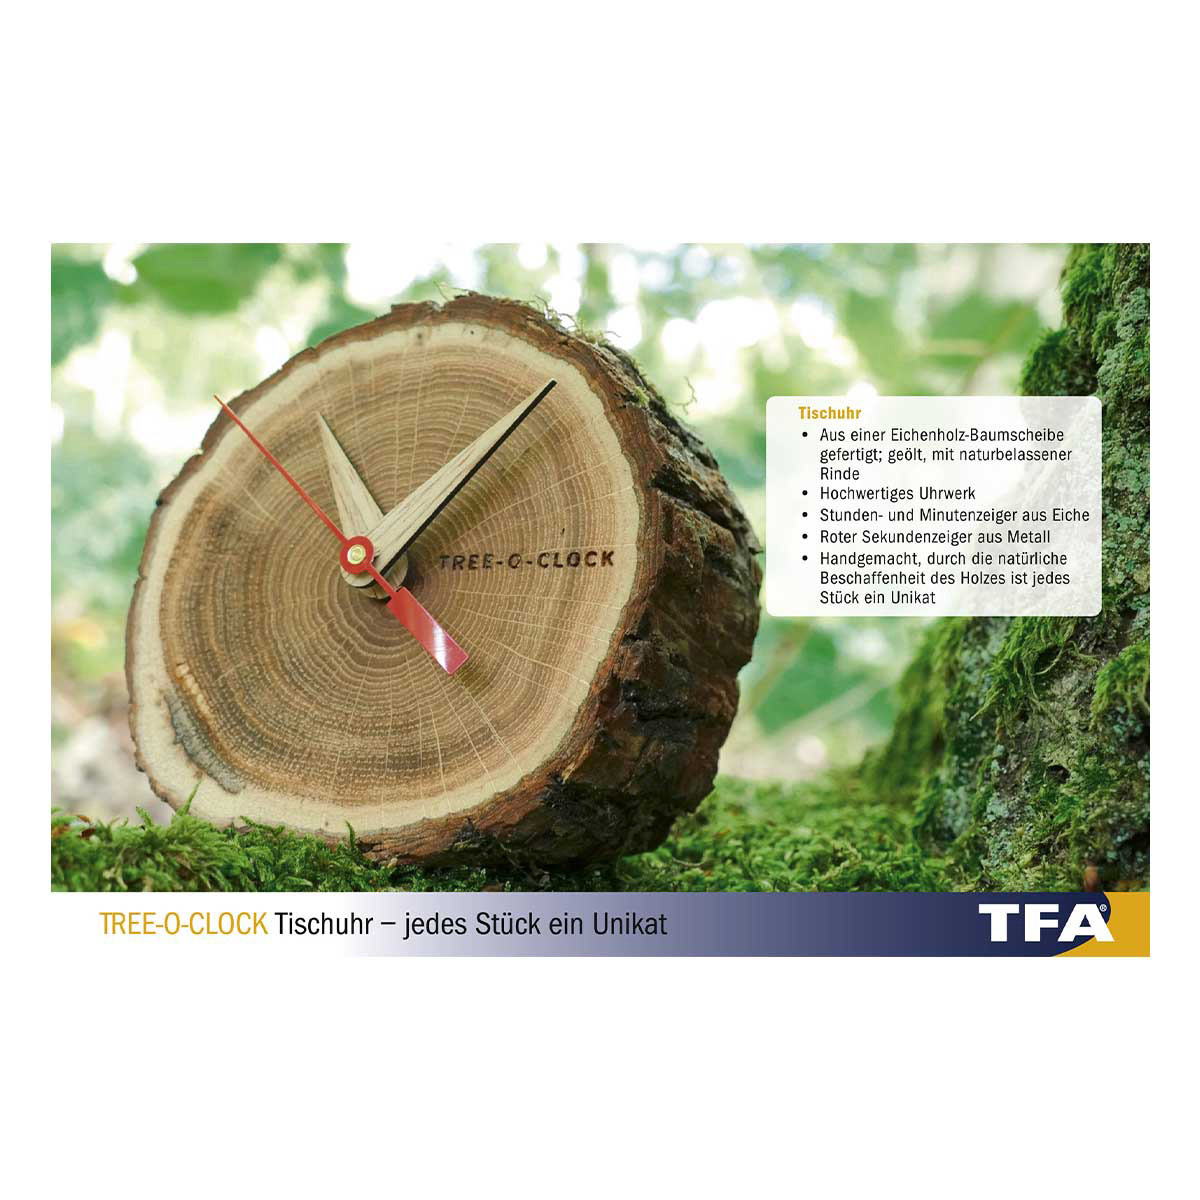 60-1028-08-analoge-tischuhr-eichenholz-tree-o-clock-vorteile-1200x1200px.jpg